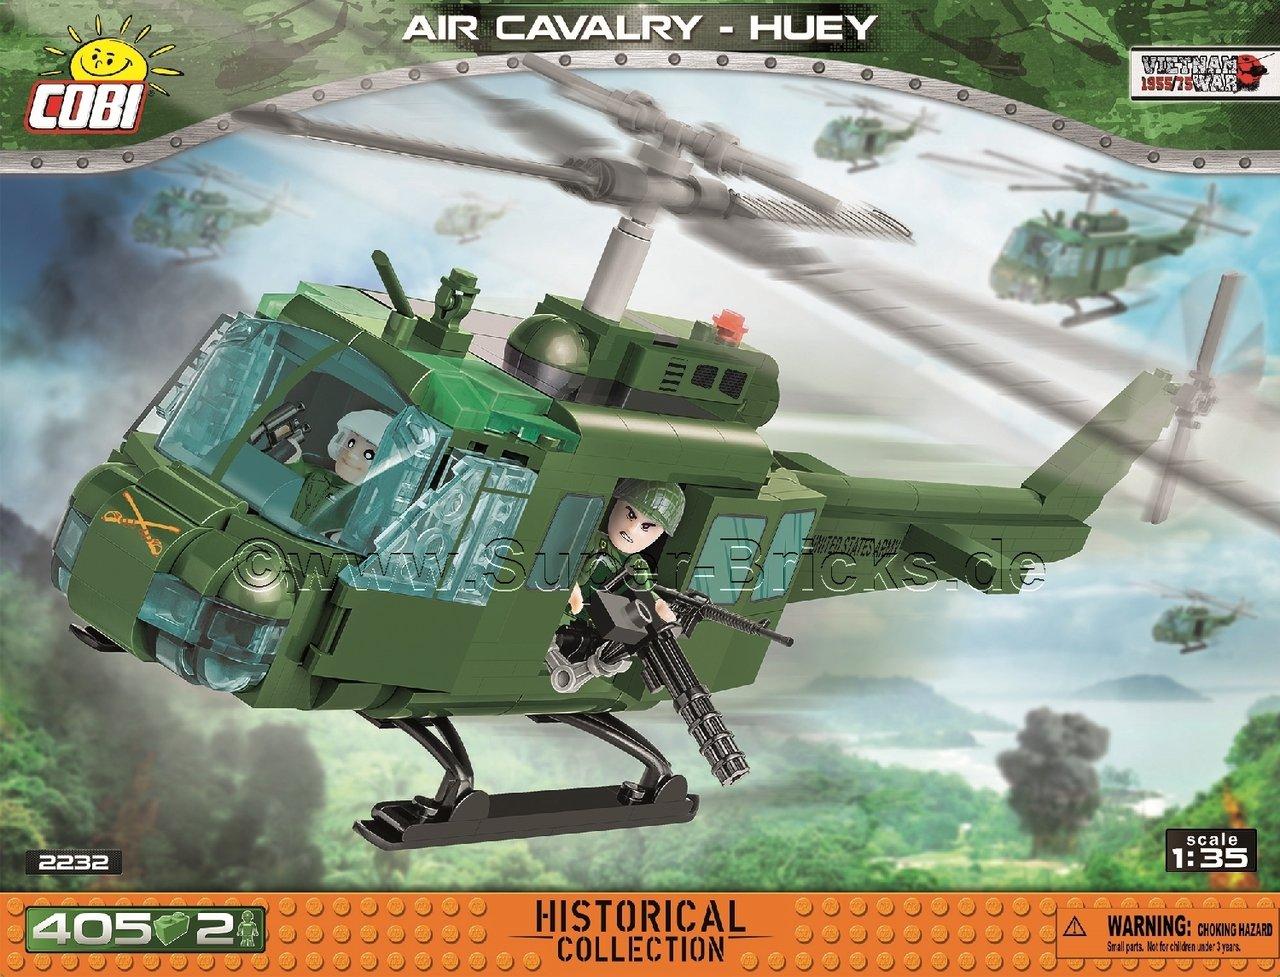 [Klemmbausteine] COBI AIR CAVALRY-HUEY, Helikopter (2232) @ powernetshop.de